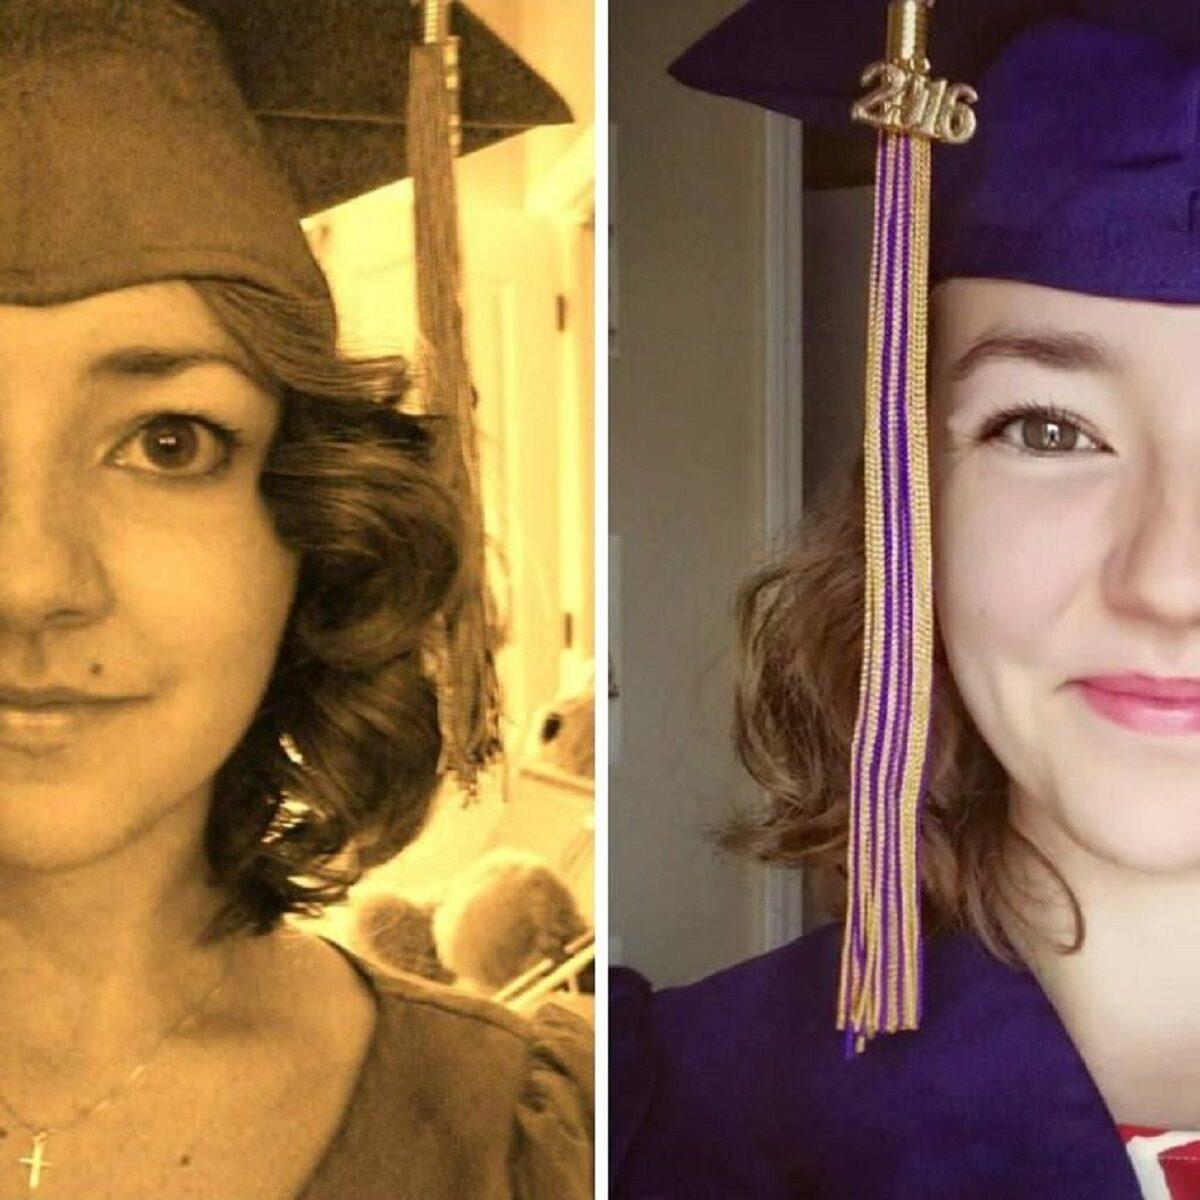 Imagens de antes e depois que mostram que nao devemos temer a passagem do tempo 10